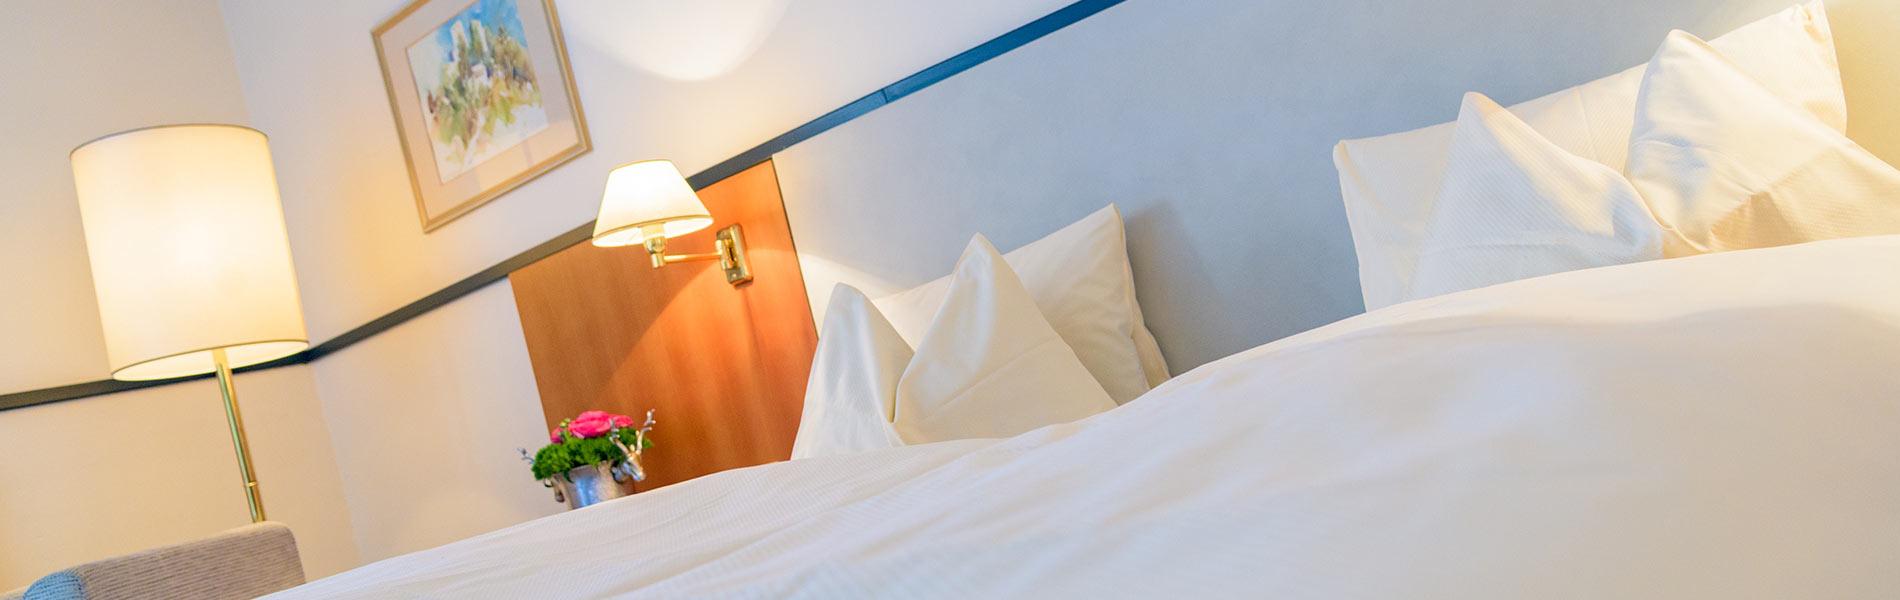 Happy Stubai Hotel Neustift Tirol Stubaier Gletscher Österreich Hostel Zimmer Suiten